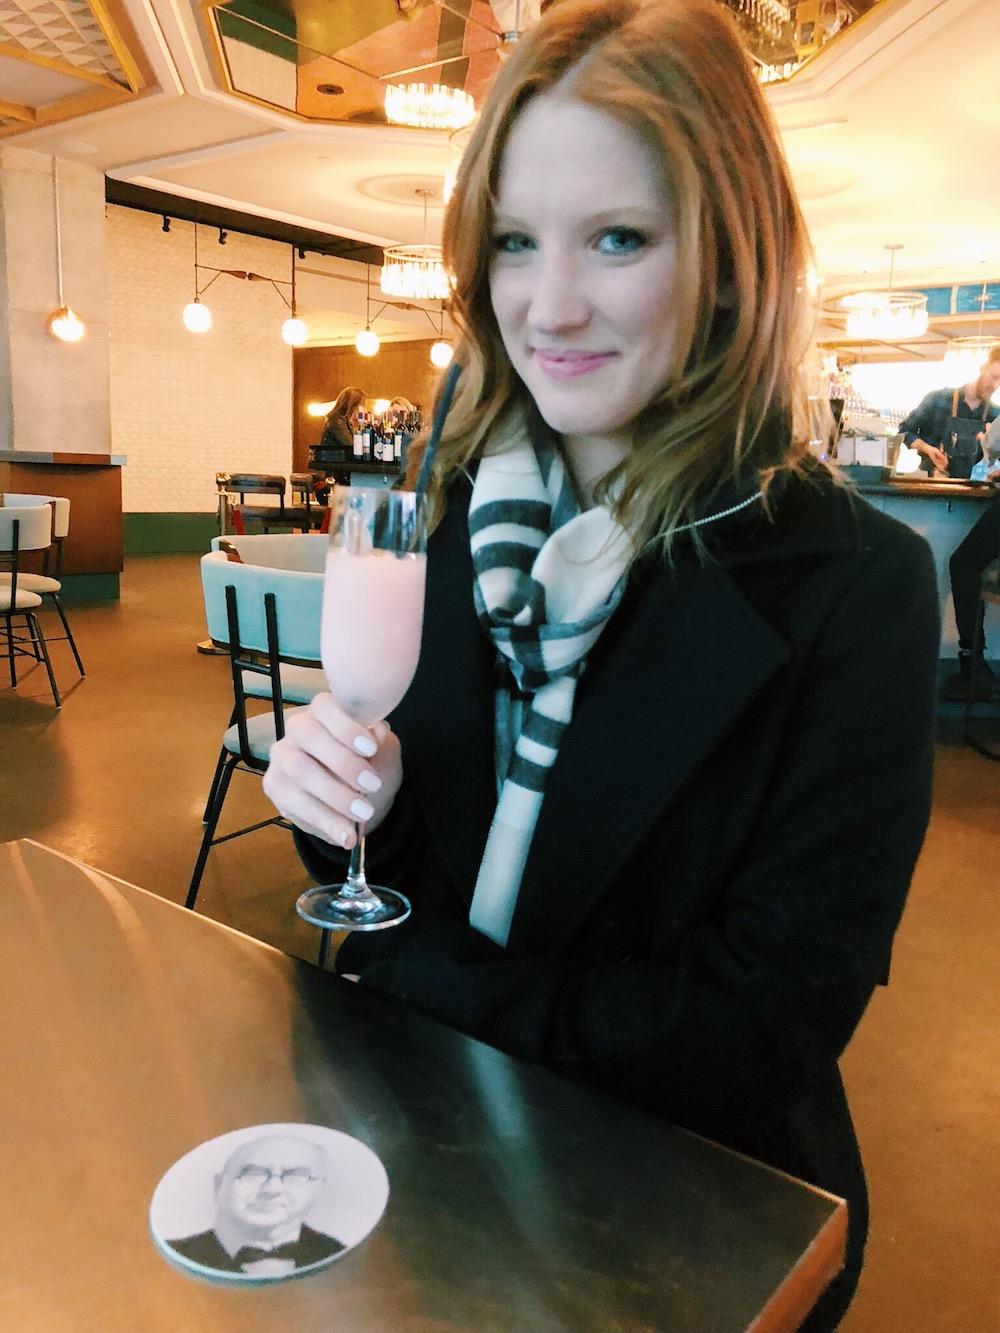 Frozen rose drink at hotel bar